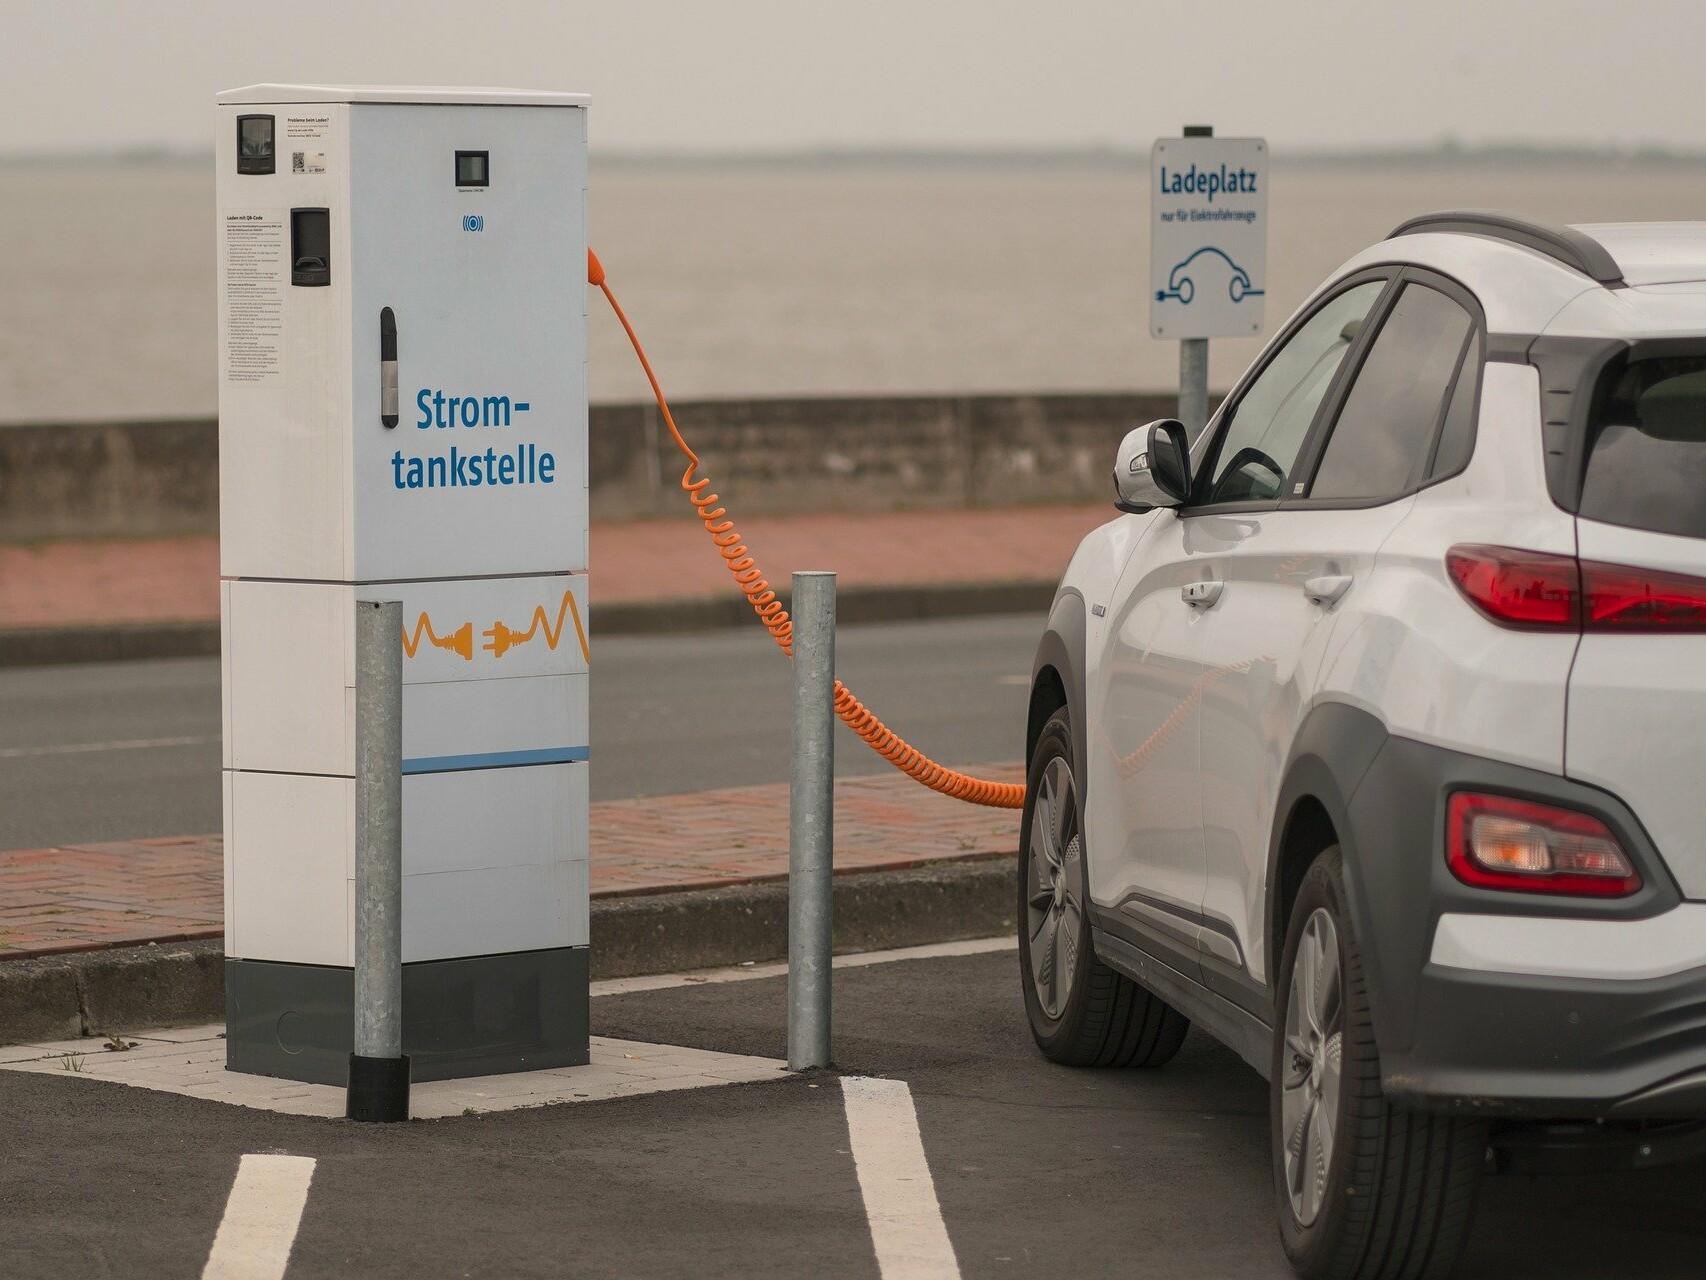 Ein Elektroauto wird an einer Ladesäule auf einem Parkplatz geladen.